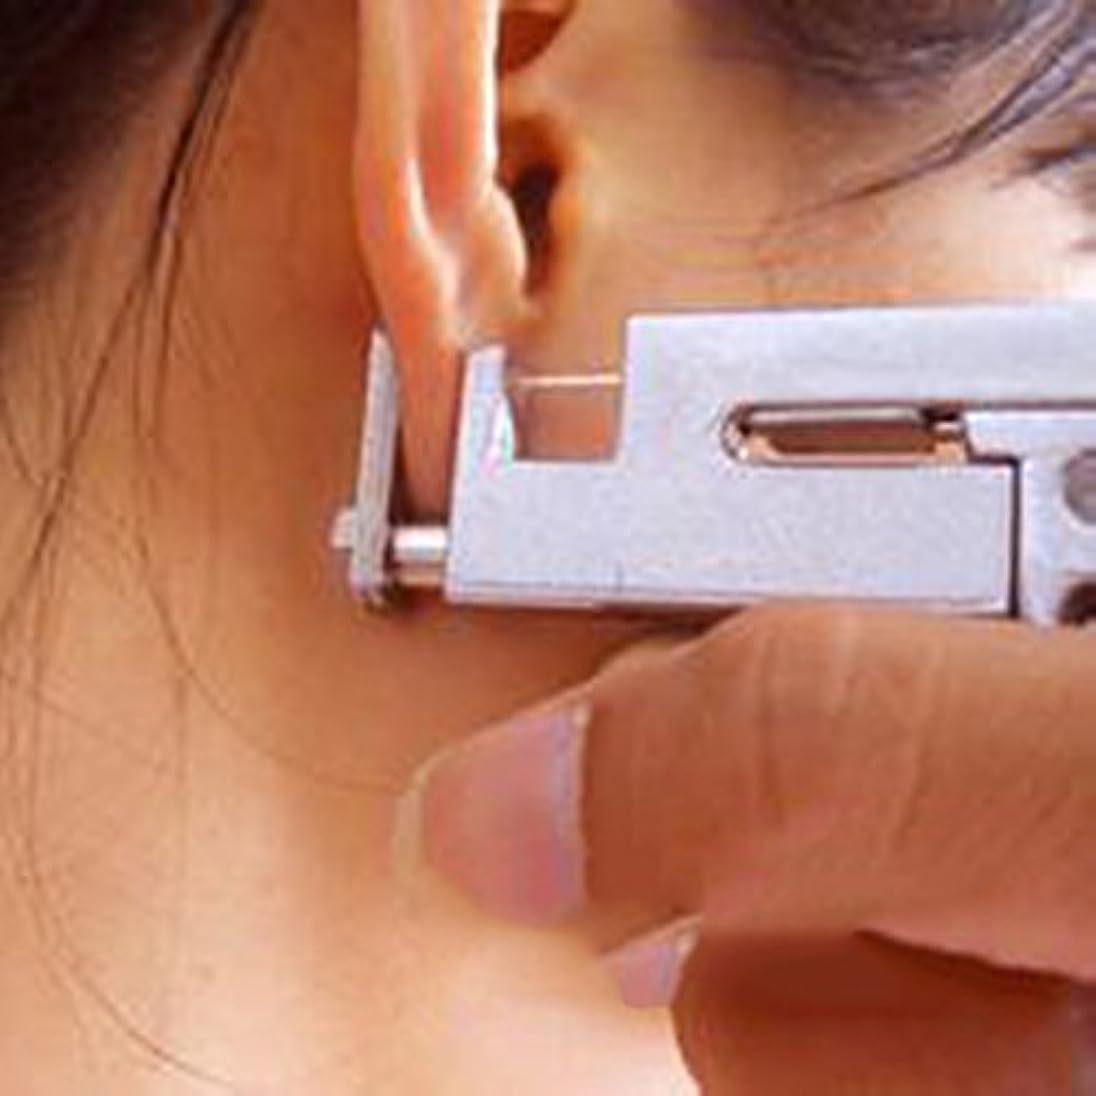 服を洗うフリース騙すプロの耳ボディ鼻ピアスガン 工作機械キットセット+ 98個スチールスタッド 使いやすい